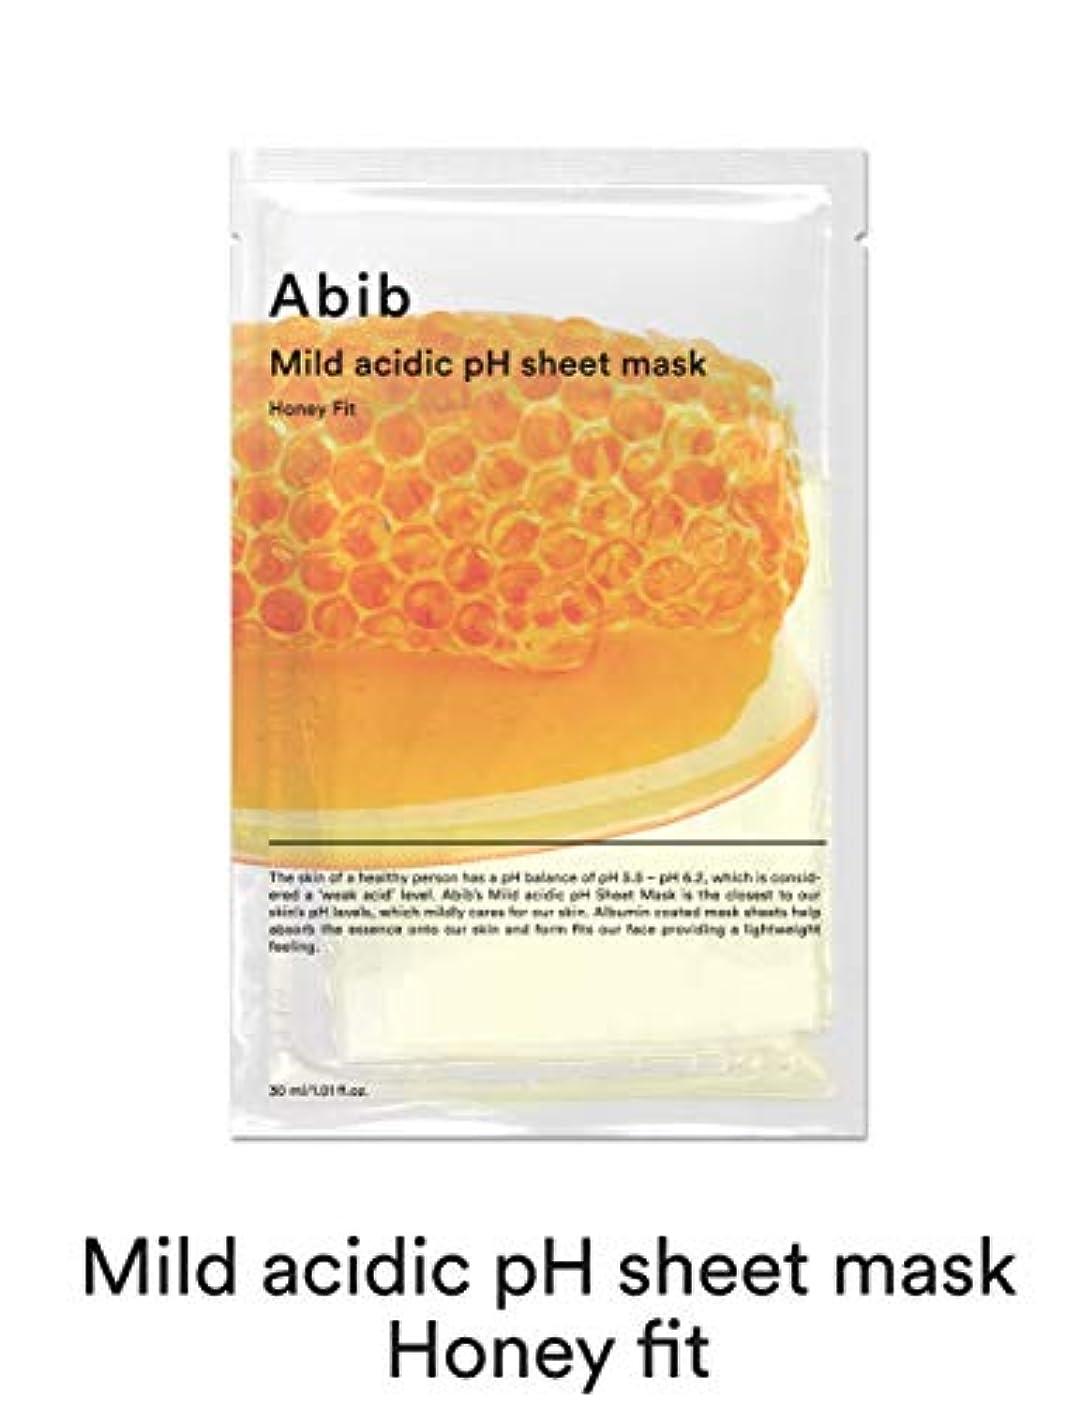 公爵裁判官番目[Abib] アビブ弱酸性pHシートマスクハニーフィット 30mlx10枚 / ABIB MILD ACIDIC pH SHEET MASK HONEY FIT 30mlx10EA [並行輸入品]